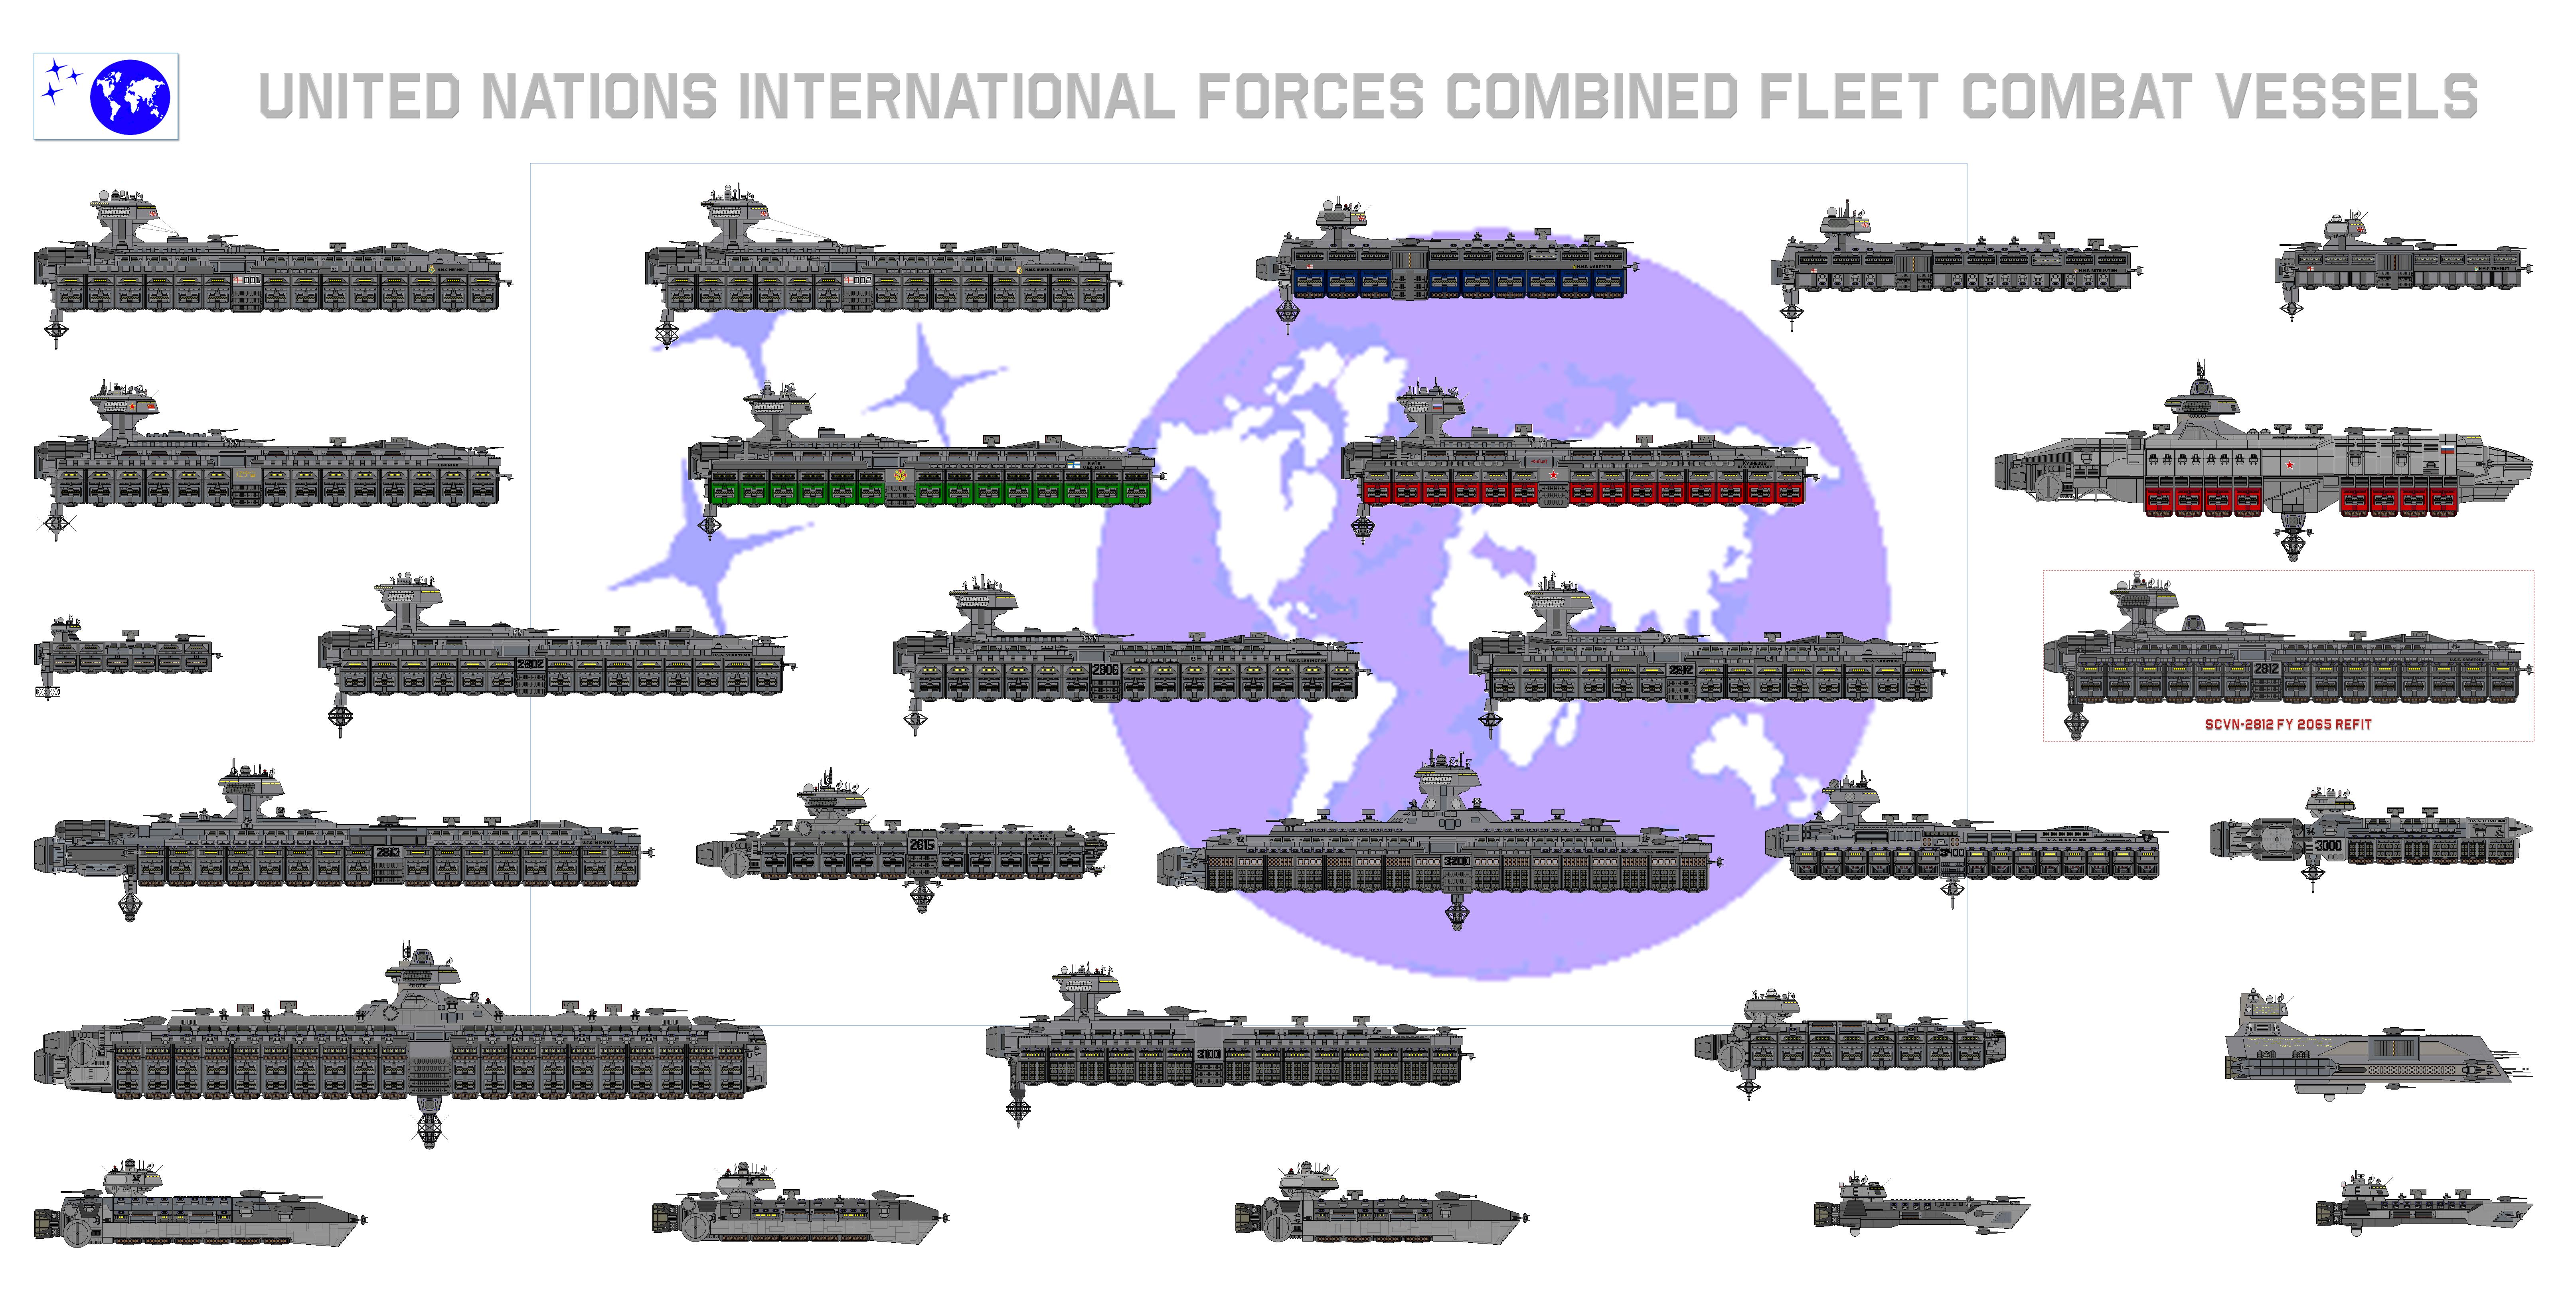 UN IFOR Combined Fleet Combat Vessels By